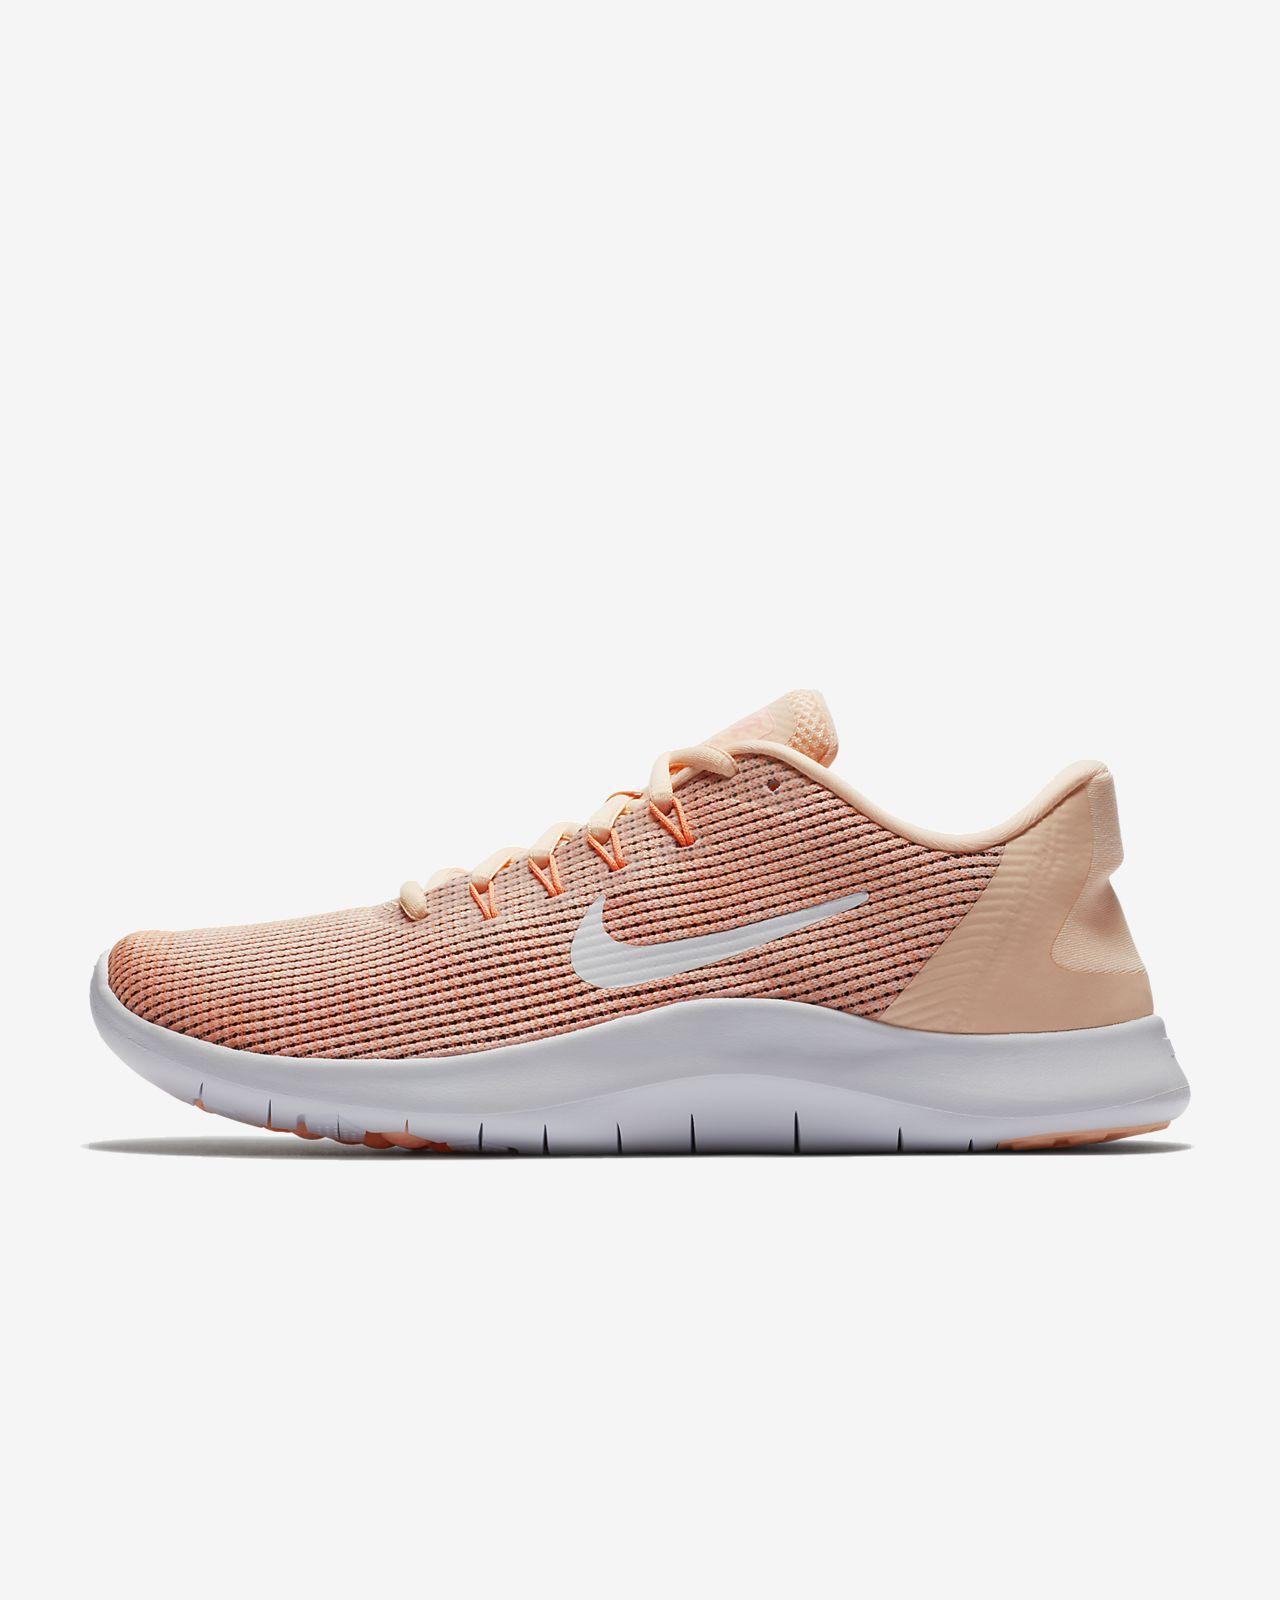 Chaussure de running Nike Flex RN 2018 pour Femme